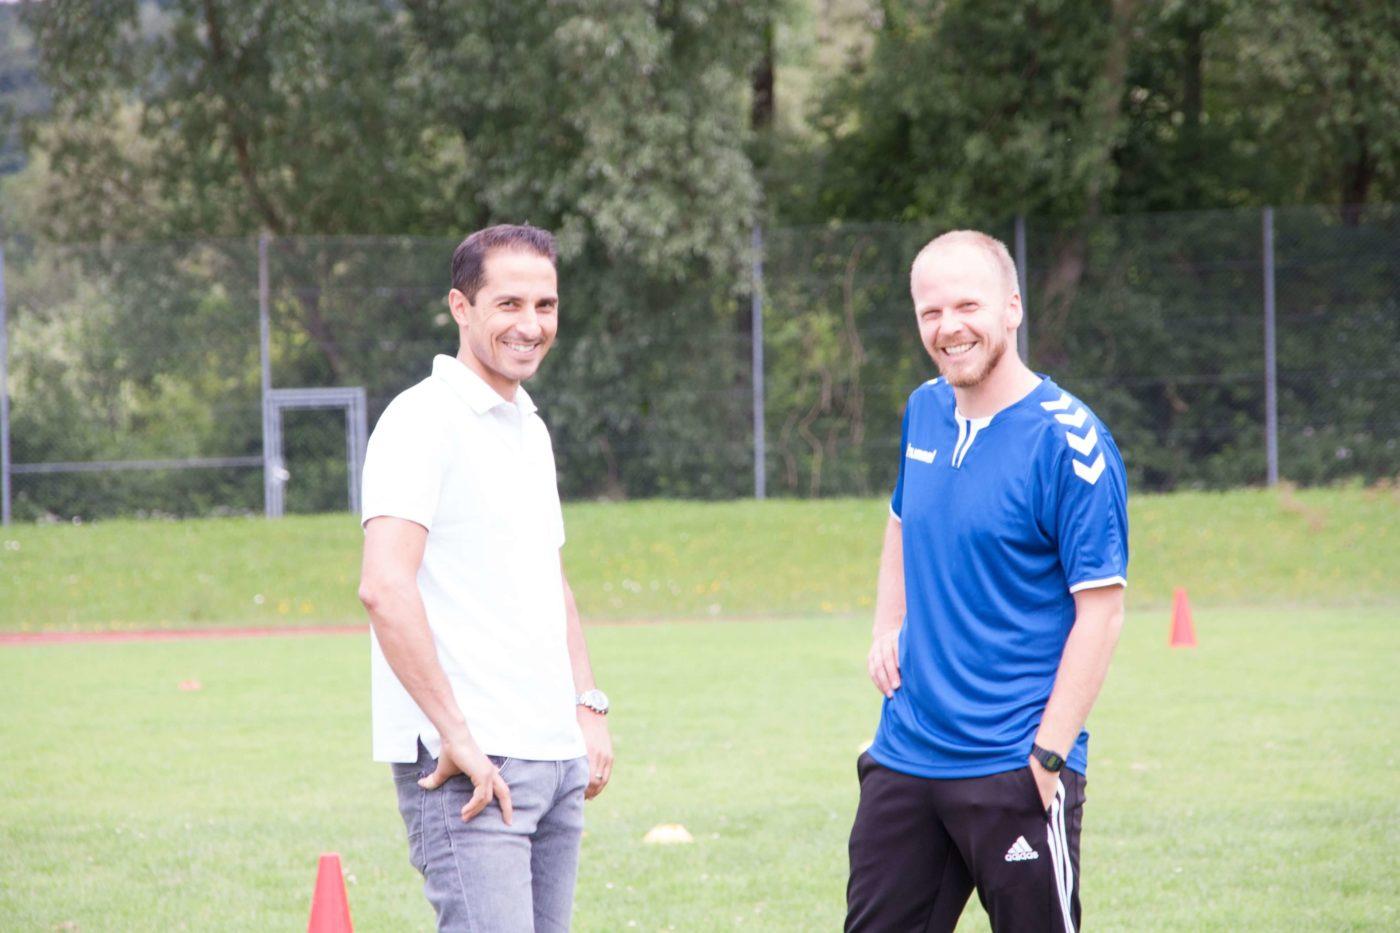 Salvatore Scolaro und Martin Grelics, Gründer der Alpenkick Fussballschule